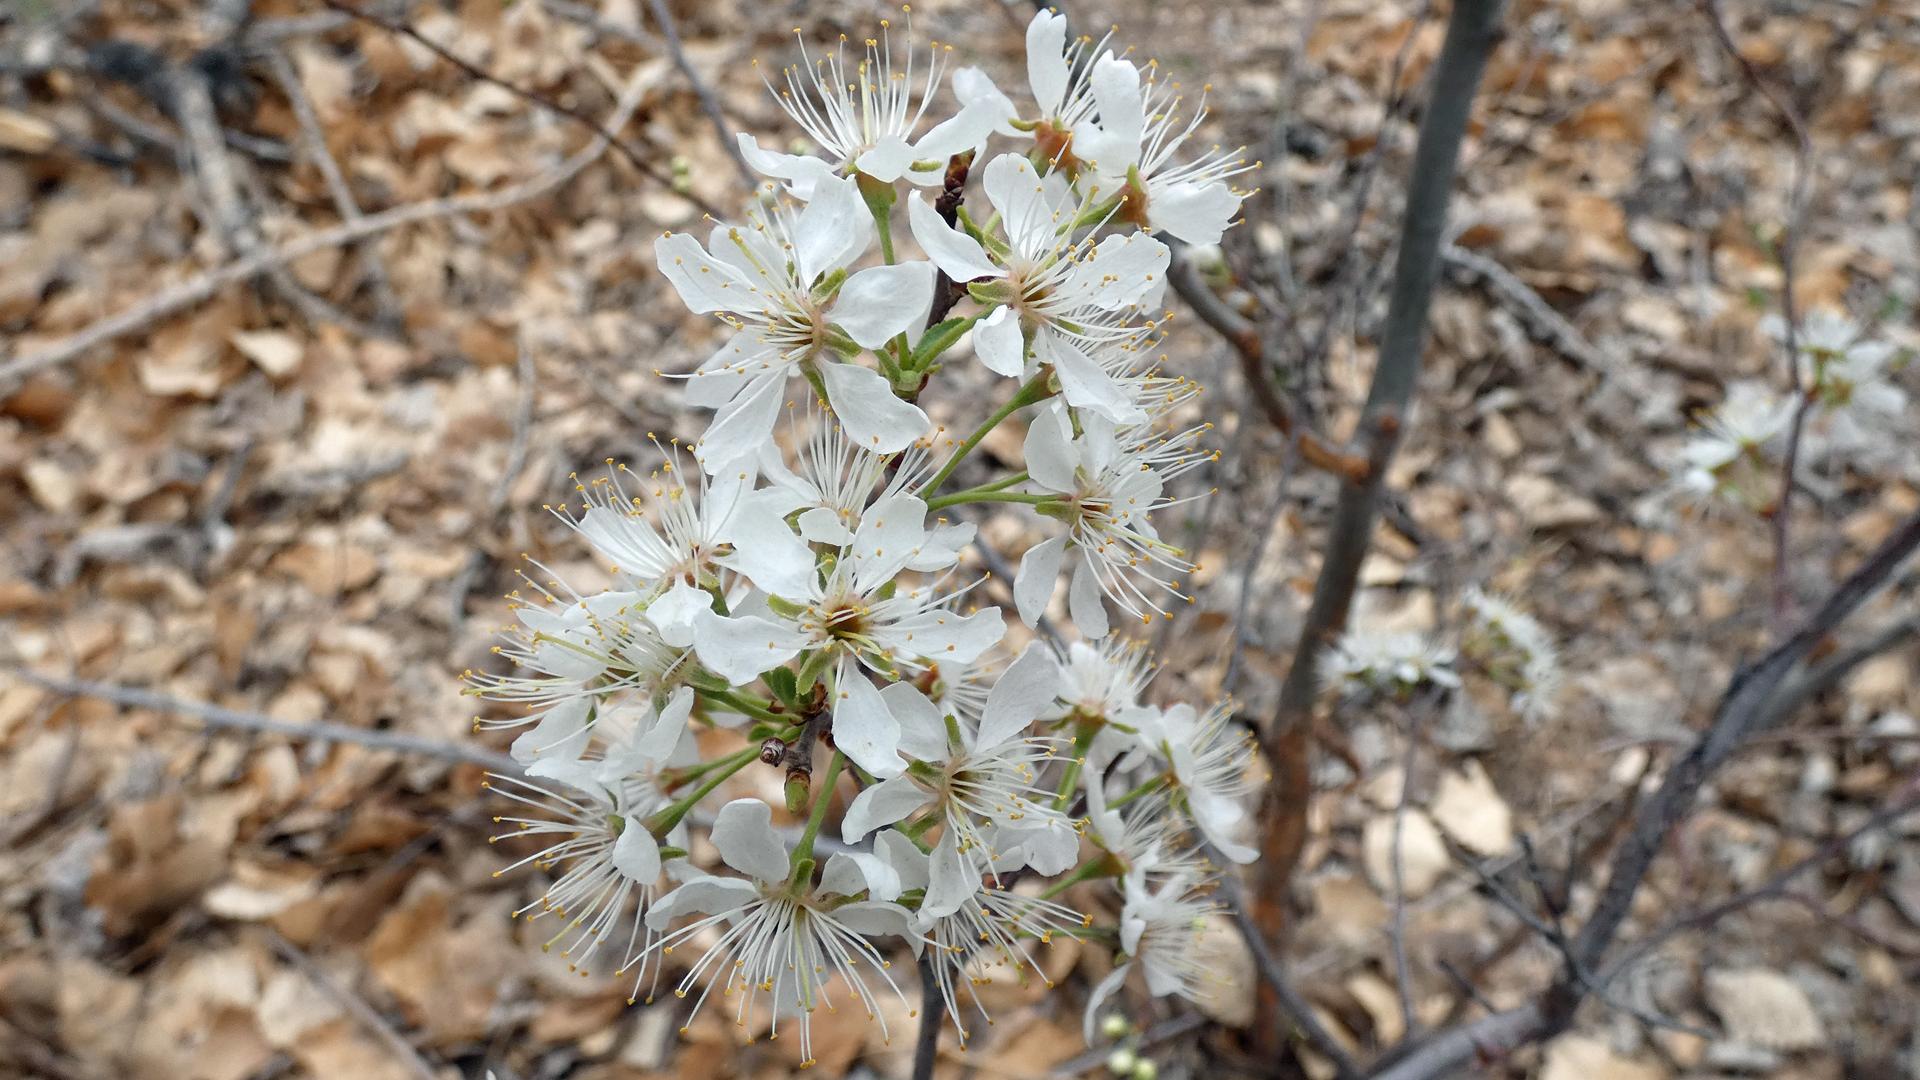 Rio Grande Bosque, Albuquerque, April 2021